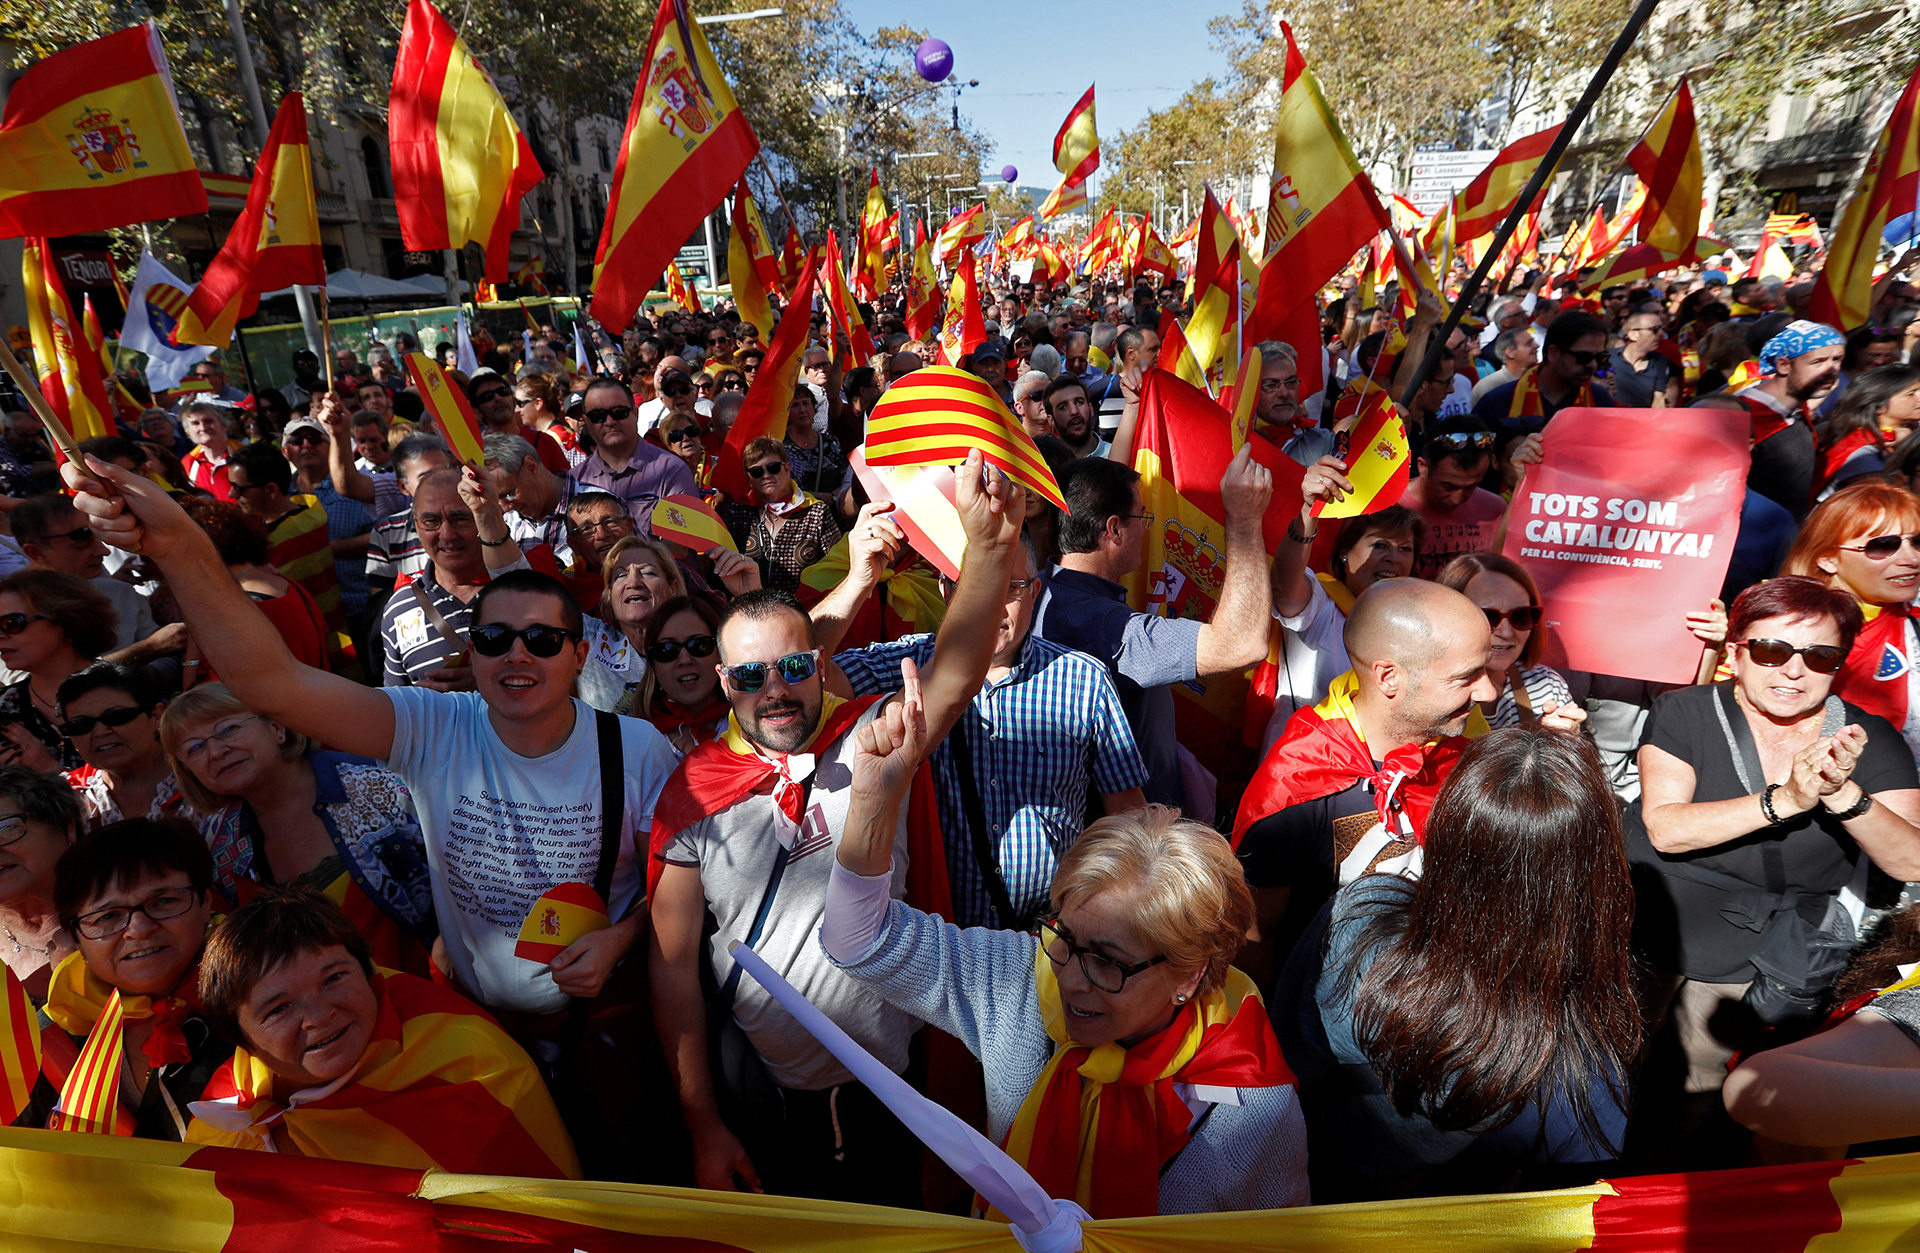 """""""Es un momento dramática en la historia de España, un momento tremendamente difícil y peligroso"""", advirtió el expresidente del Parlamento europeo, el catalán Josep Borrell, pidiendo a los manifestantes """"serenidad"""" para """"seguir viviendo juntos"""""""